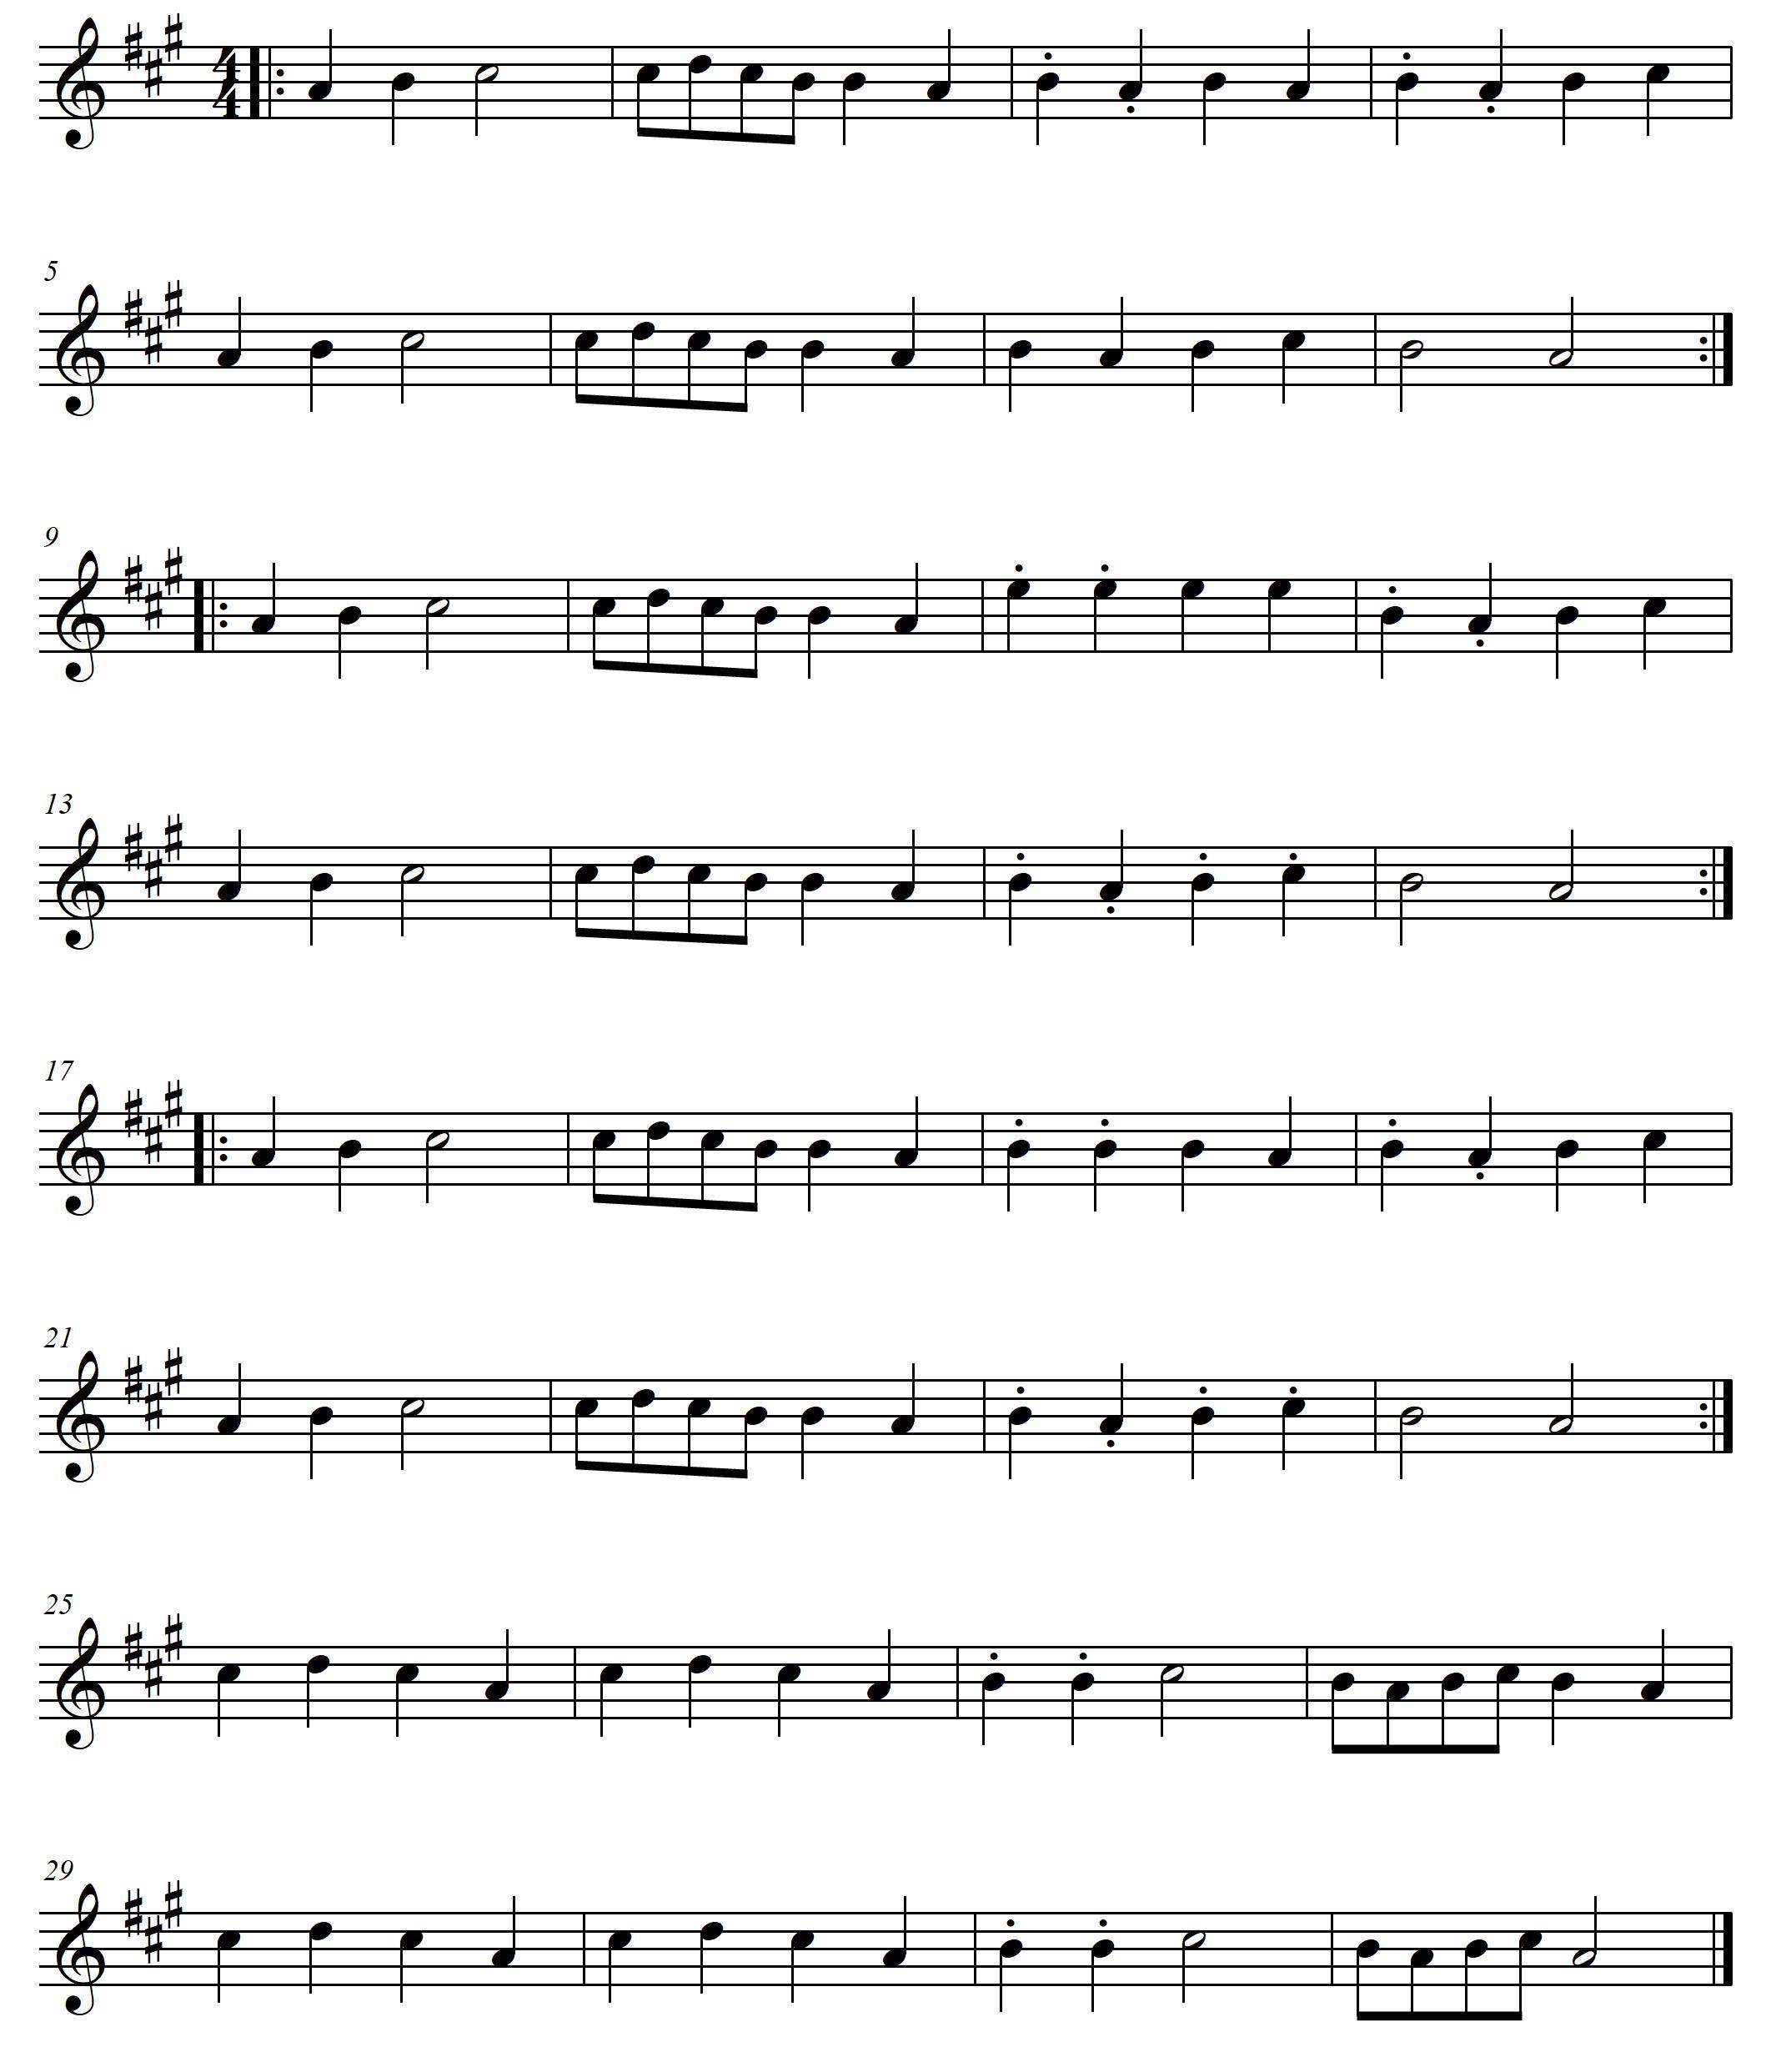 Mandoline lernen - Töne auf der A-Saite - Tekeli